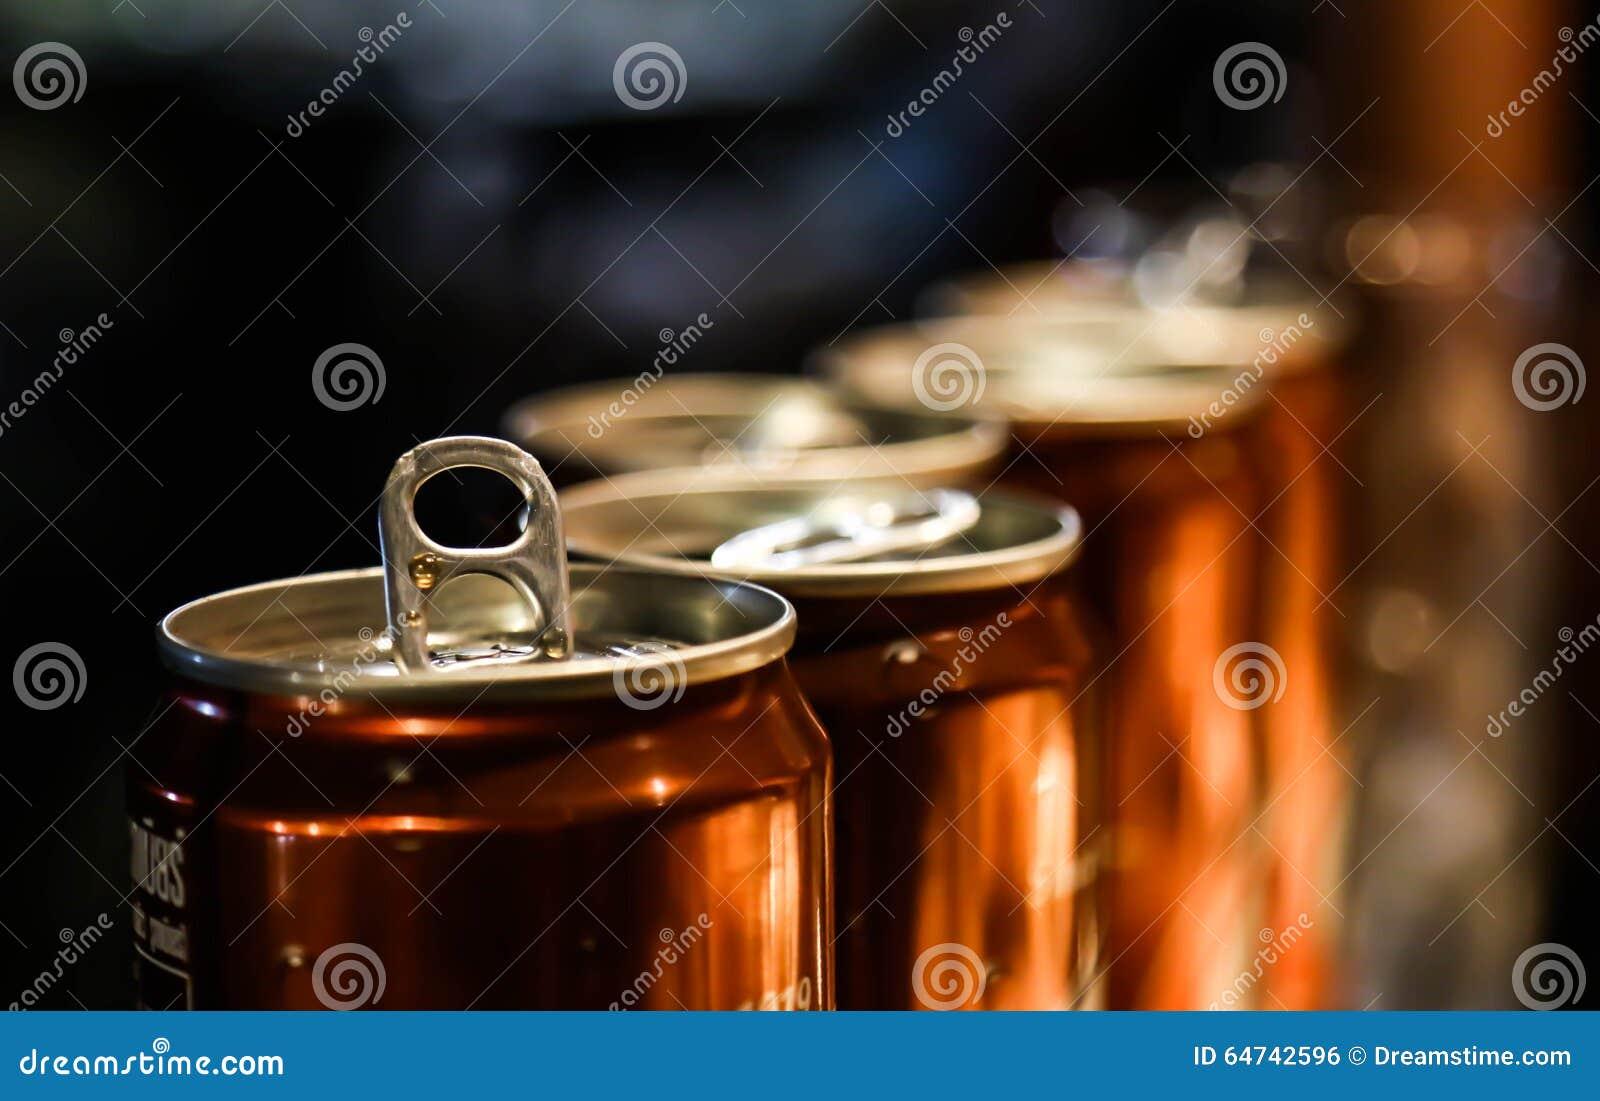 Canettes de bière de racine